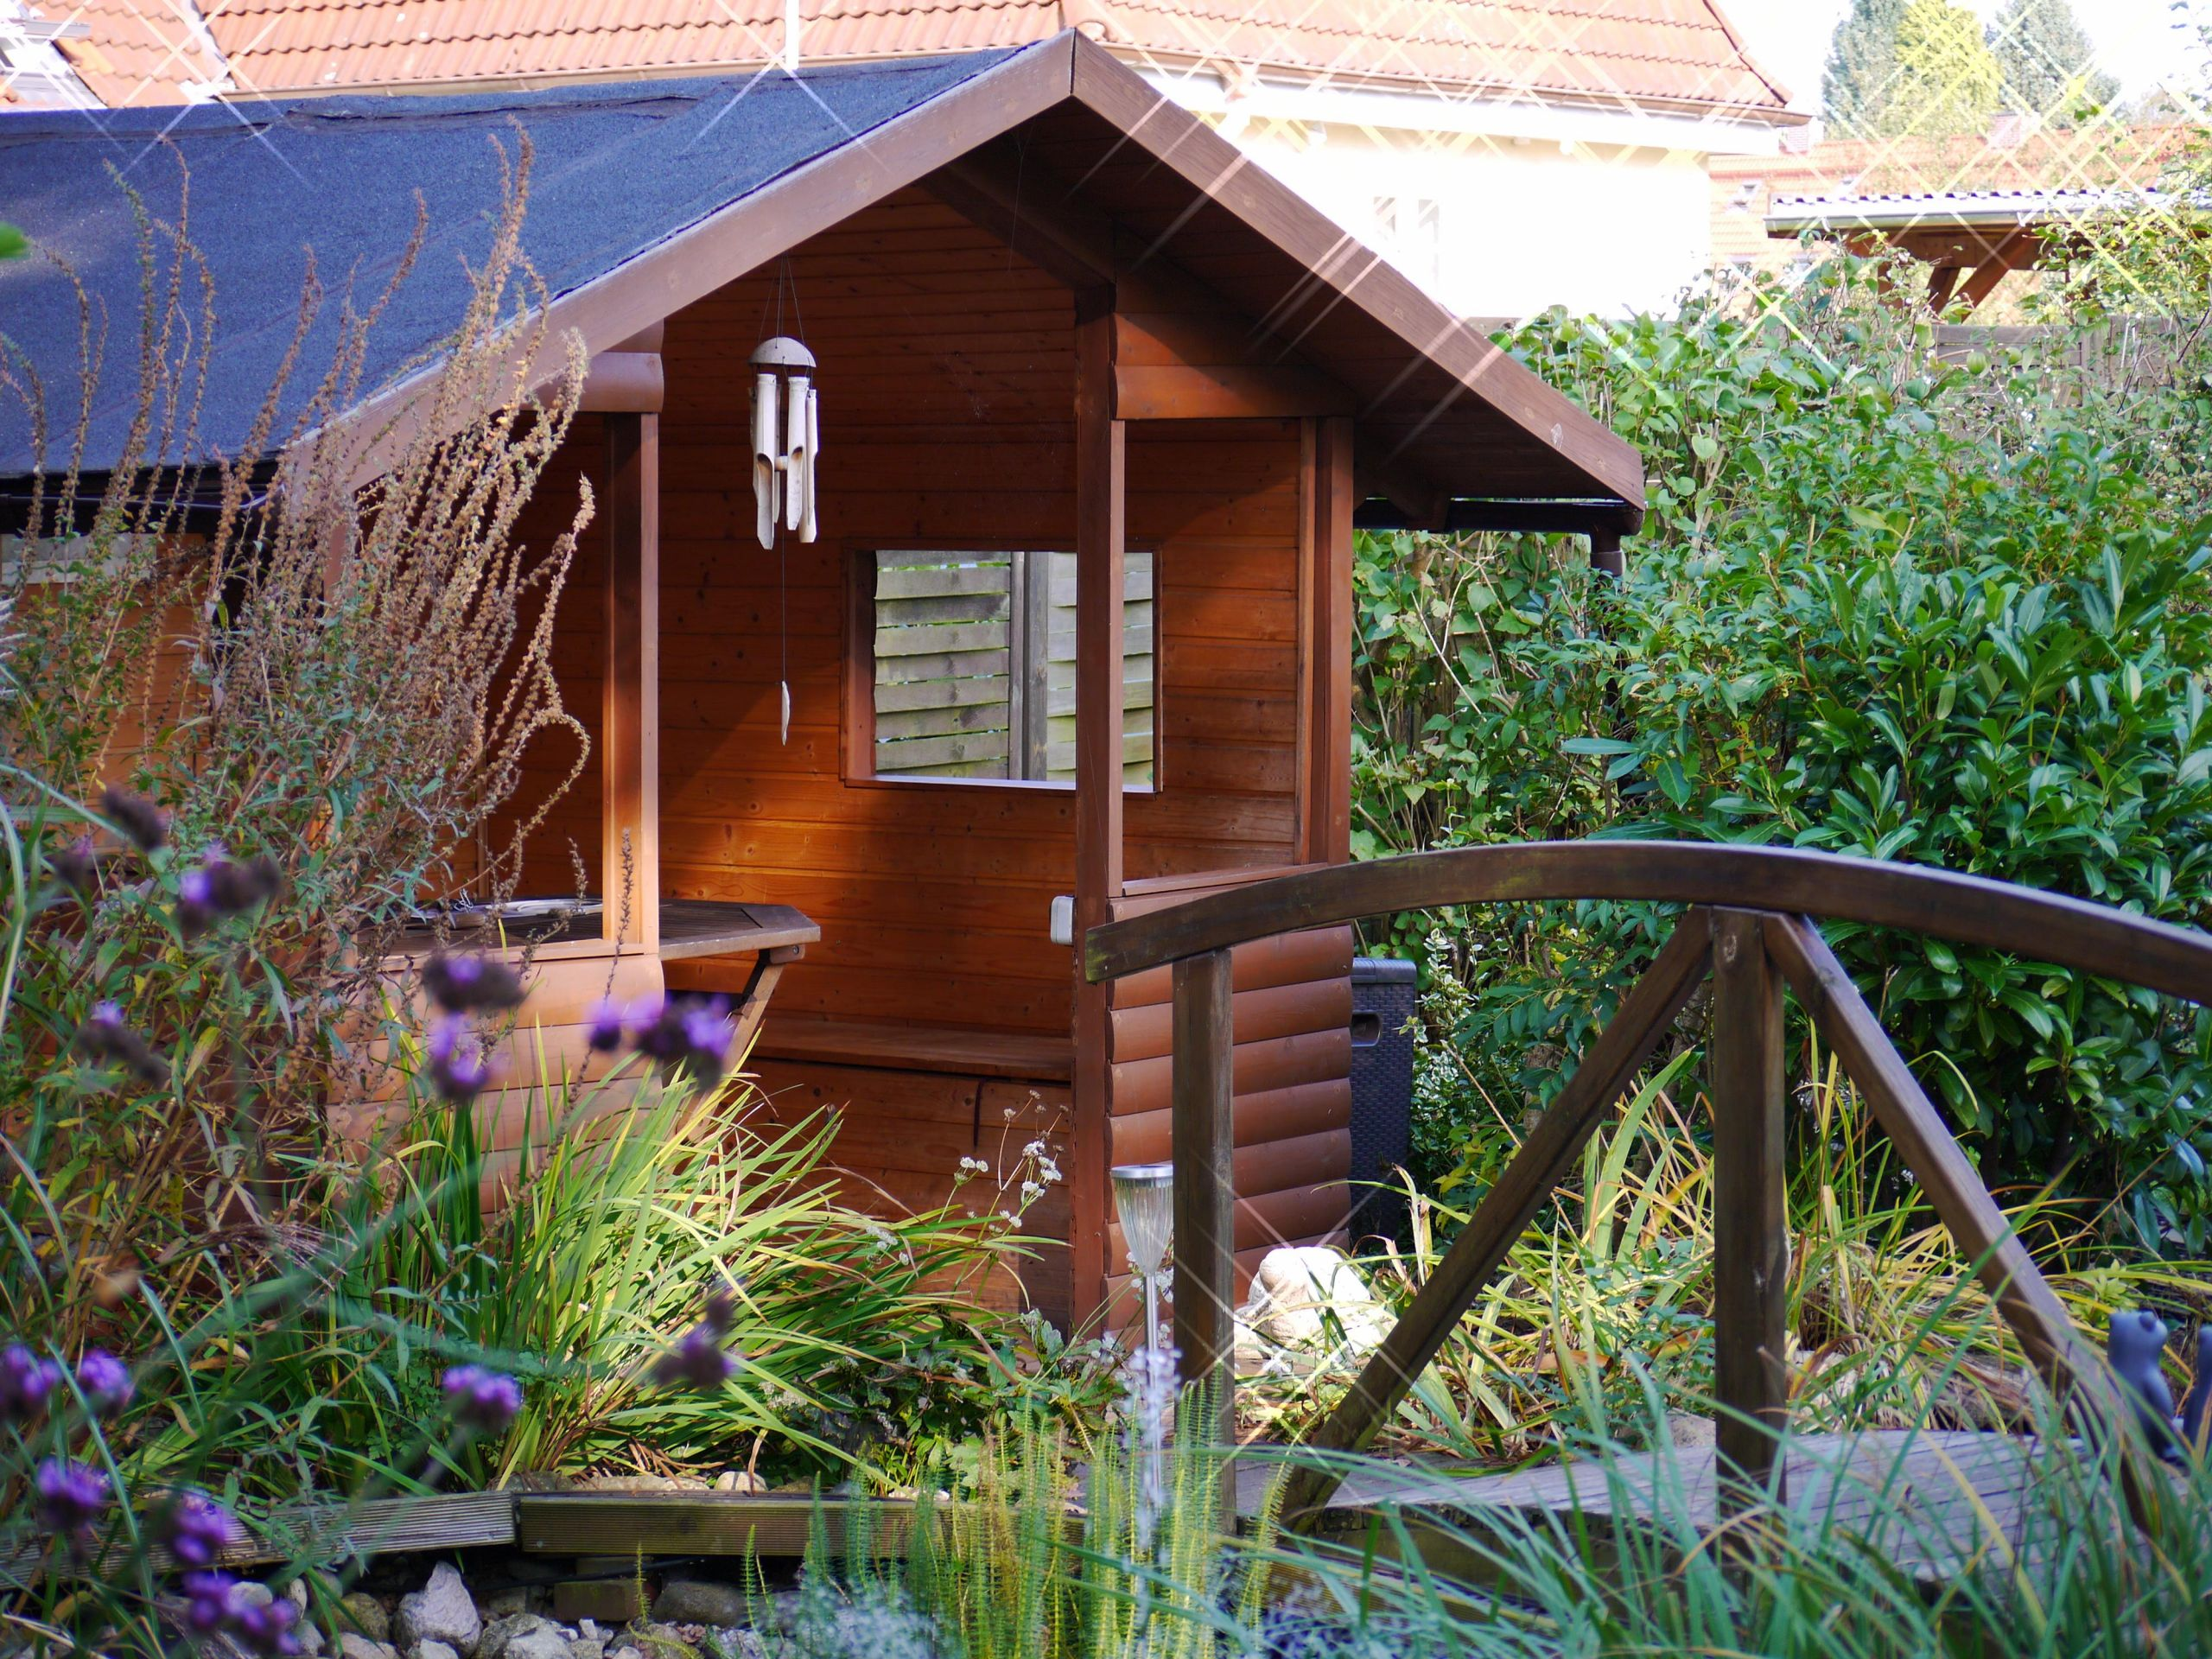 ein schoenes gartenhaus gartenaufbewahrung gartenhaus gartendeko gartengestaltung bruecke outdoor d4010a34 f773 4aa3 bb6f a84e5b